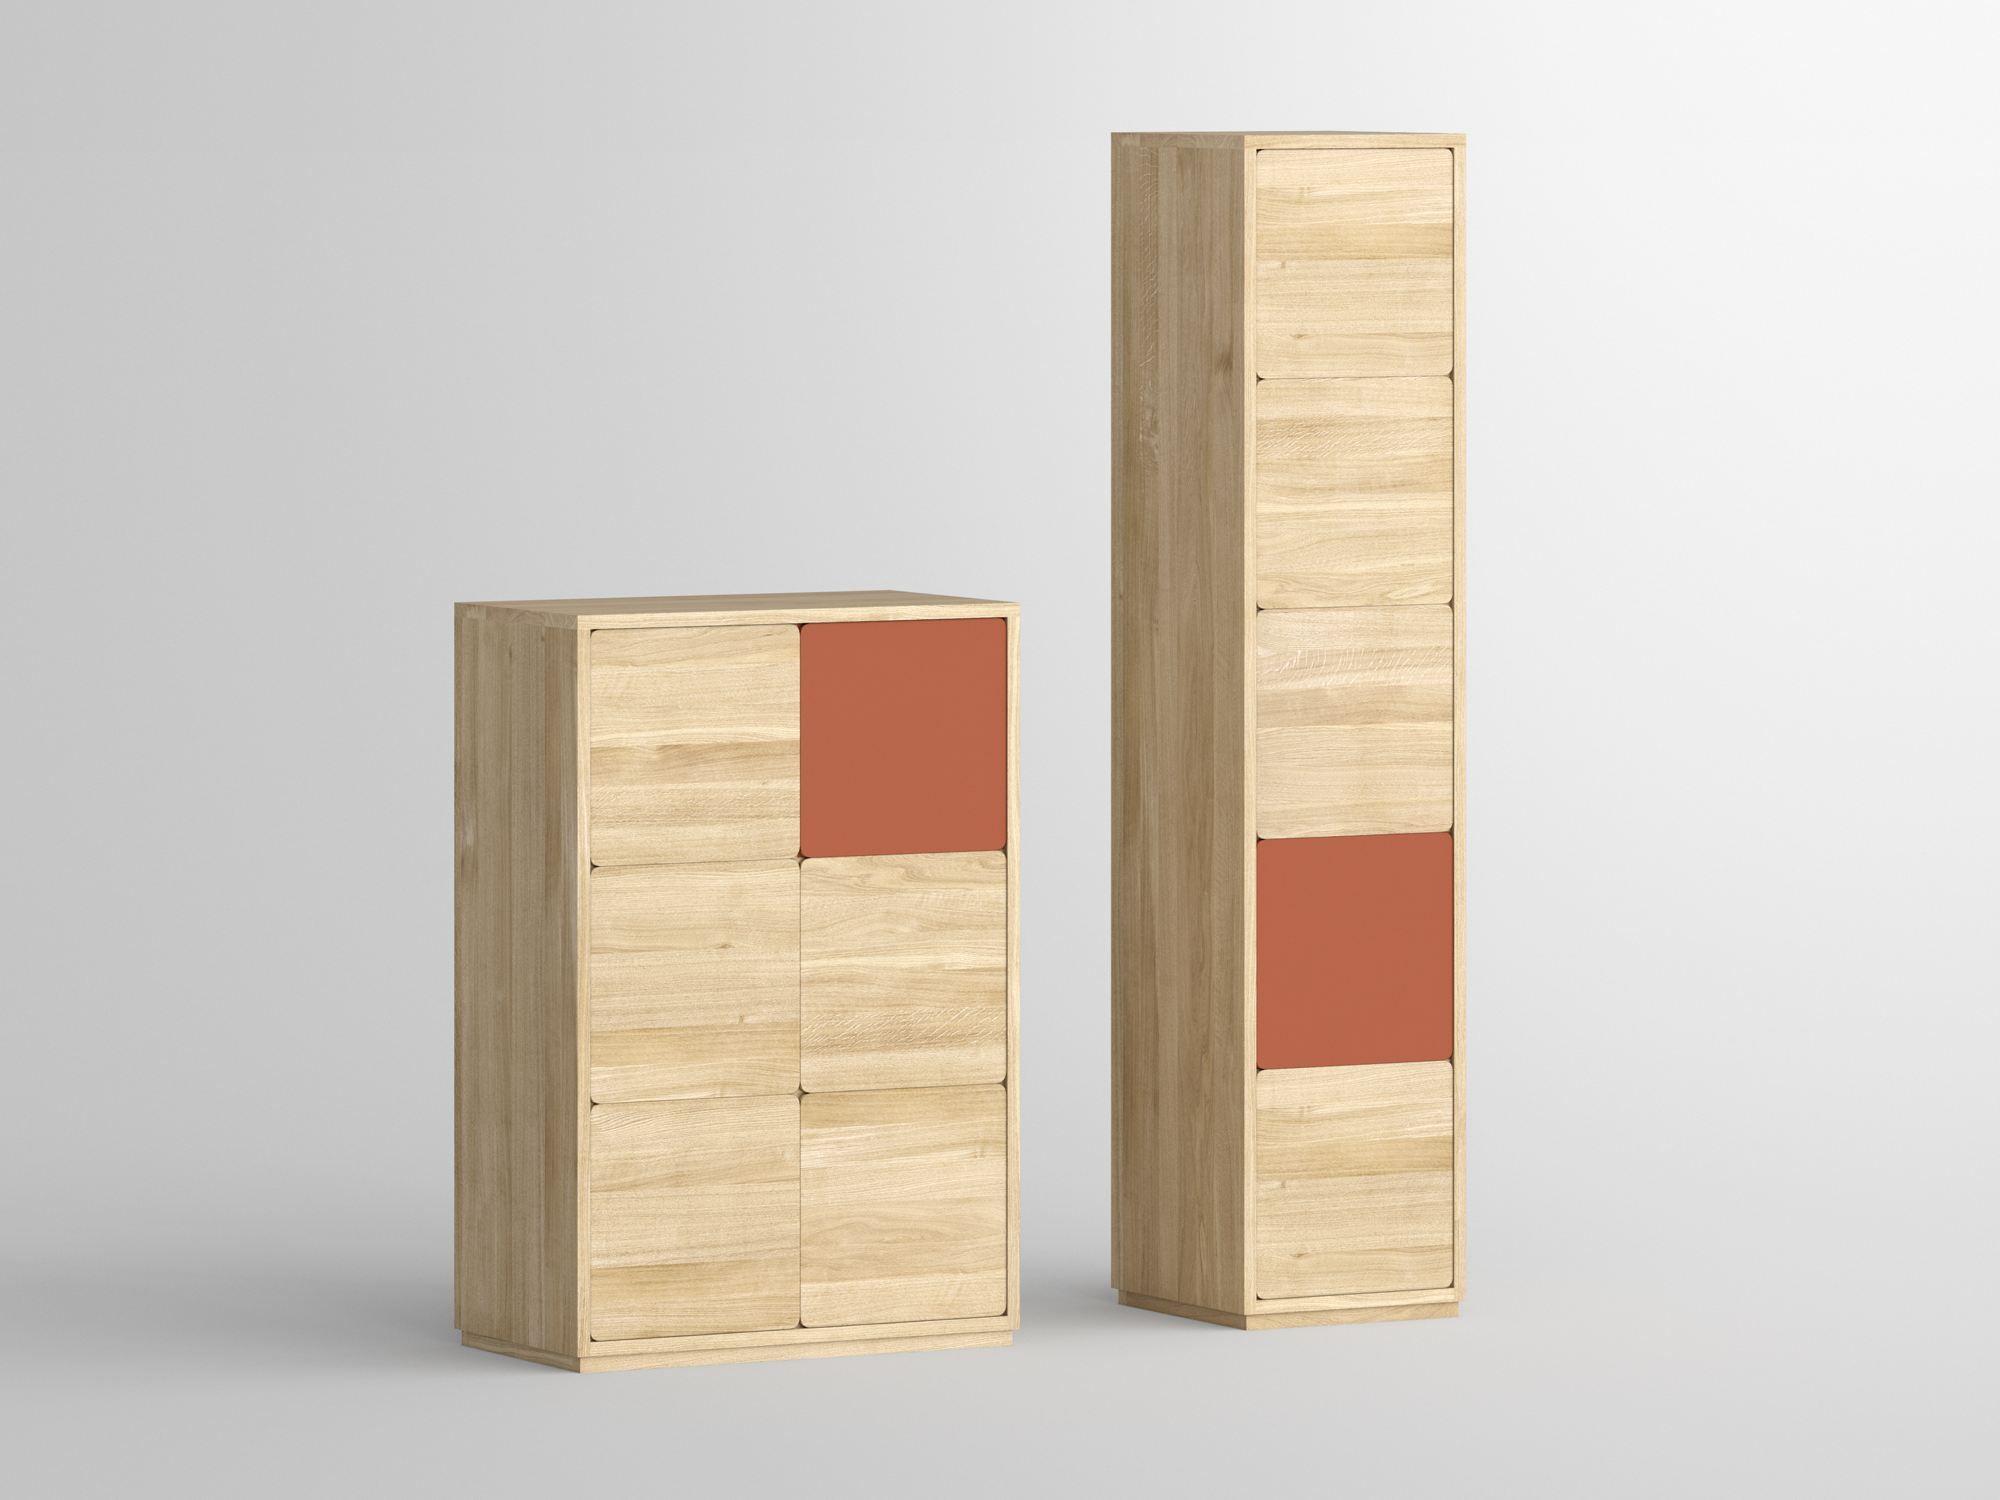 Portes principales bois vaisselier en bois massif avec portes cavus vaissel - Portes principales bois ...